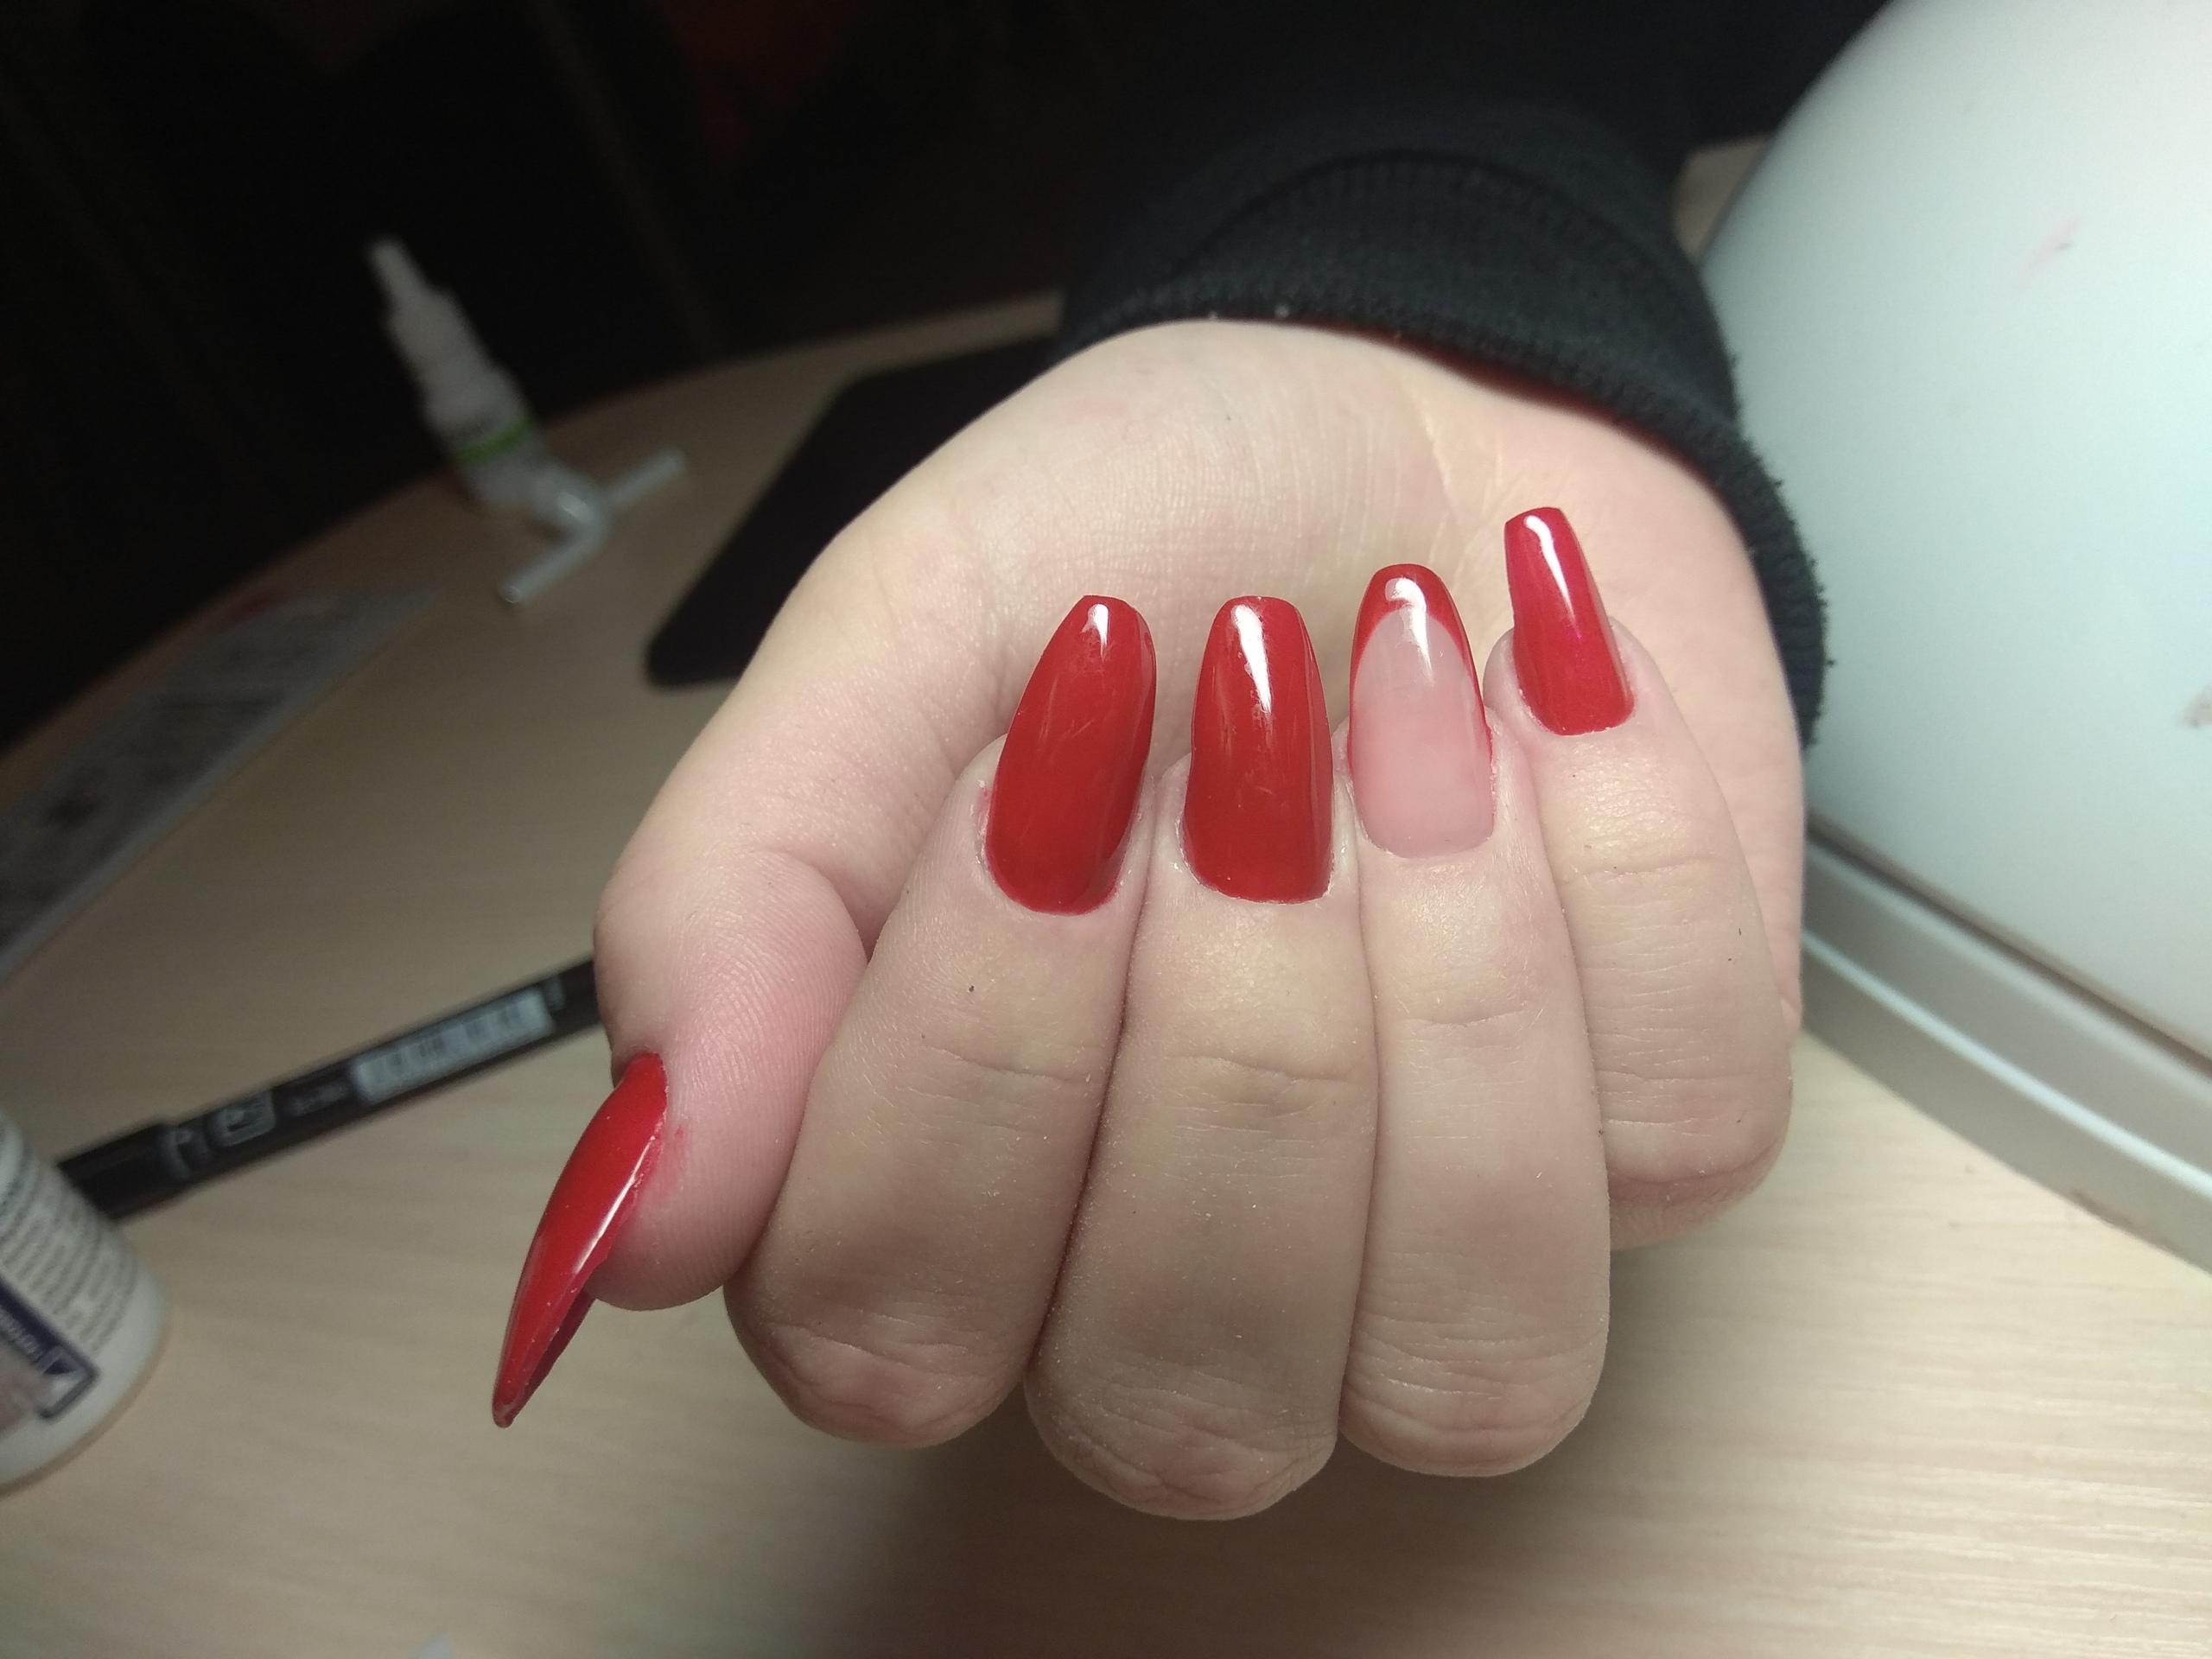 Здравствуйте, дипломированный мастер маникюра желает предложить Вам услуги ногтевого сервиса